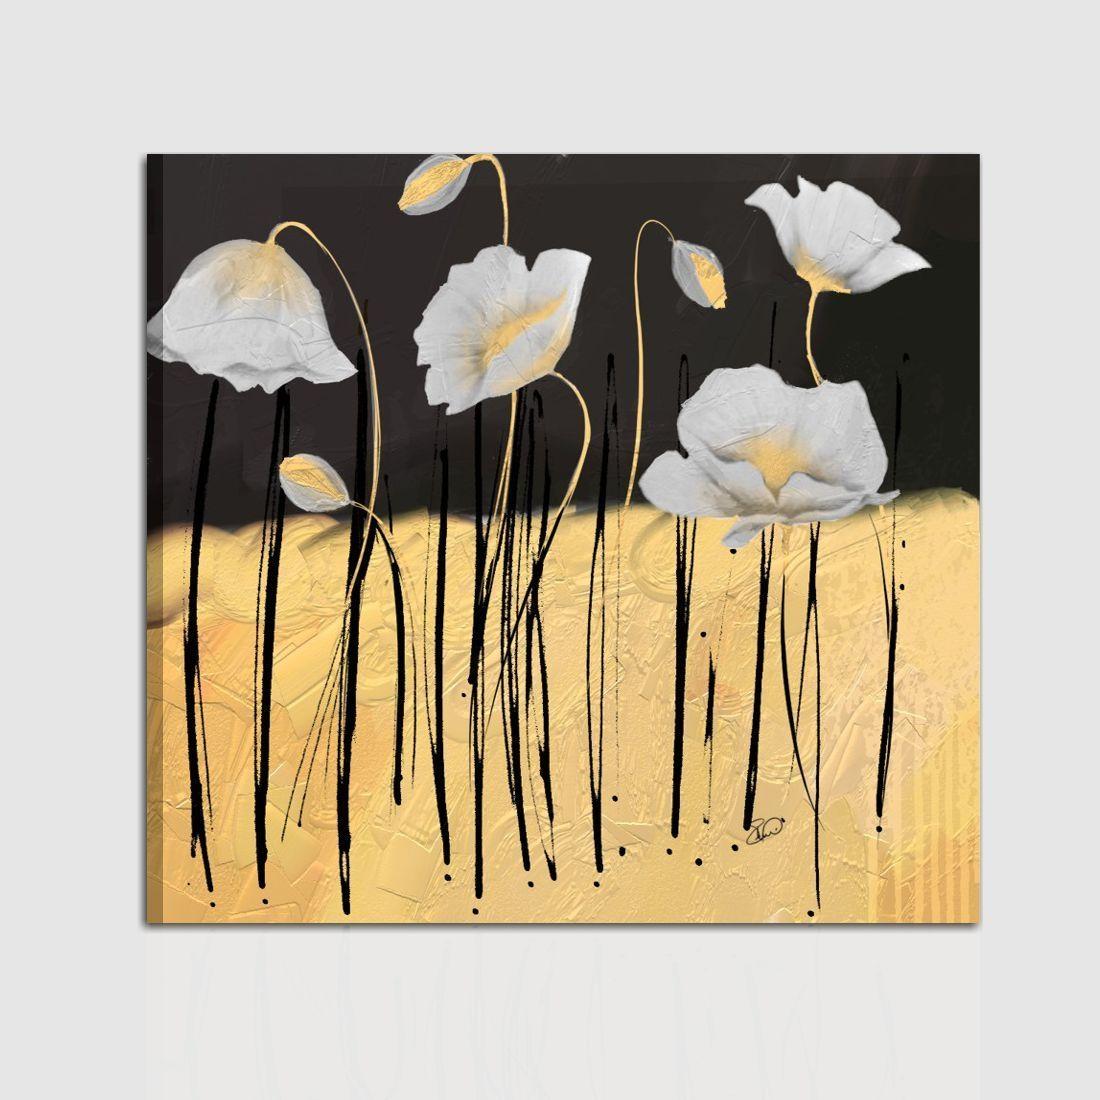 Quadri moderni dipinti a mano con fiori meg for Dipinti a mano moderni